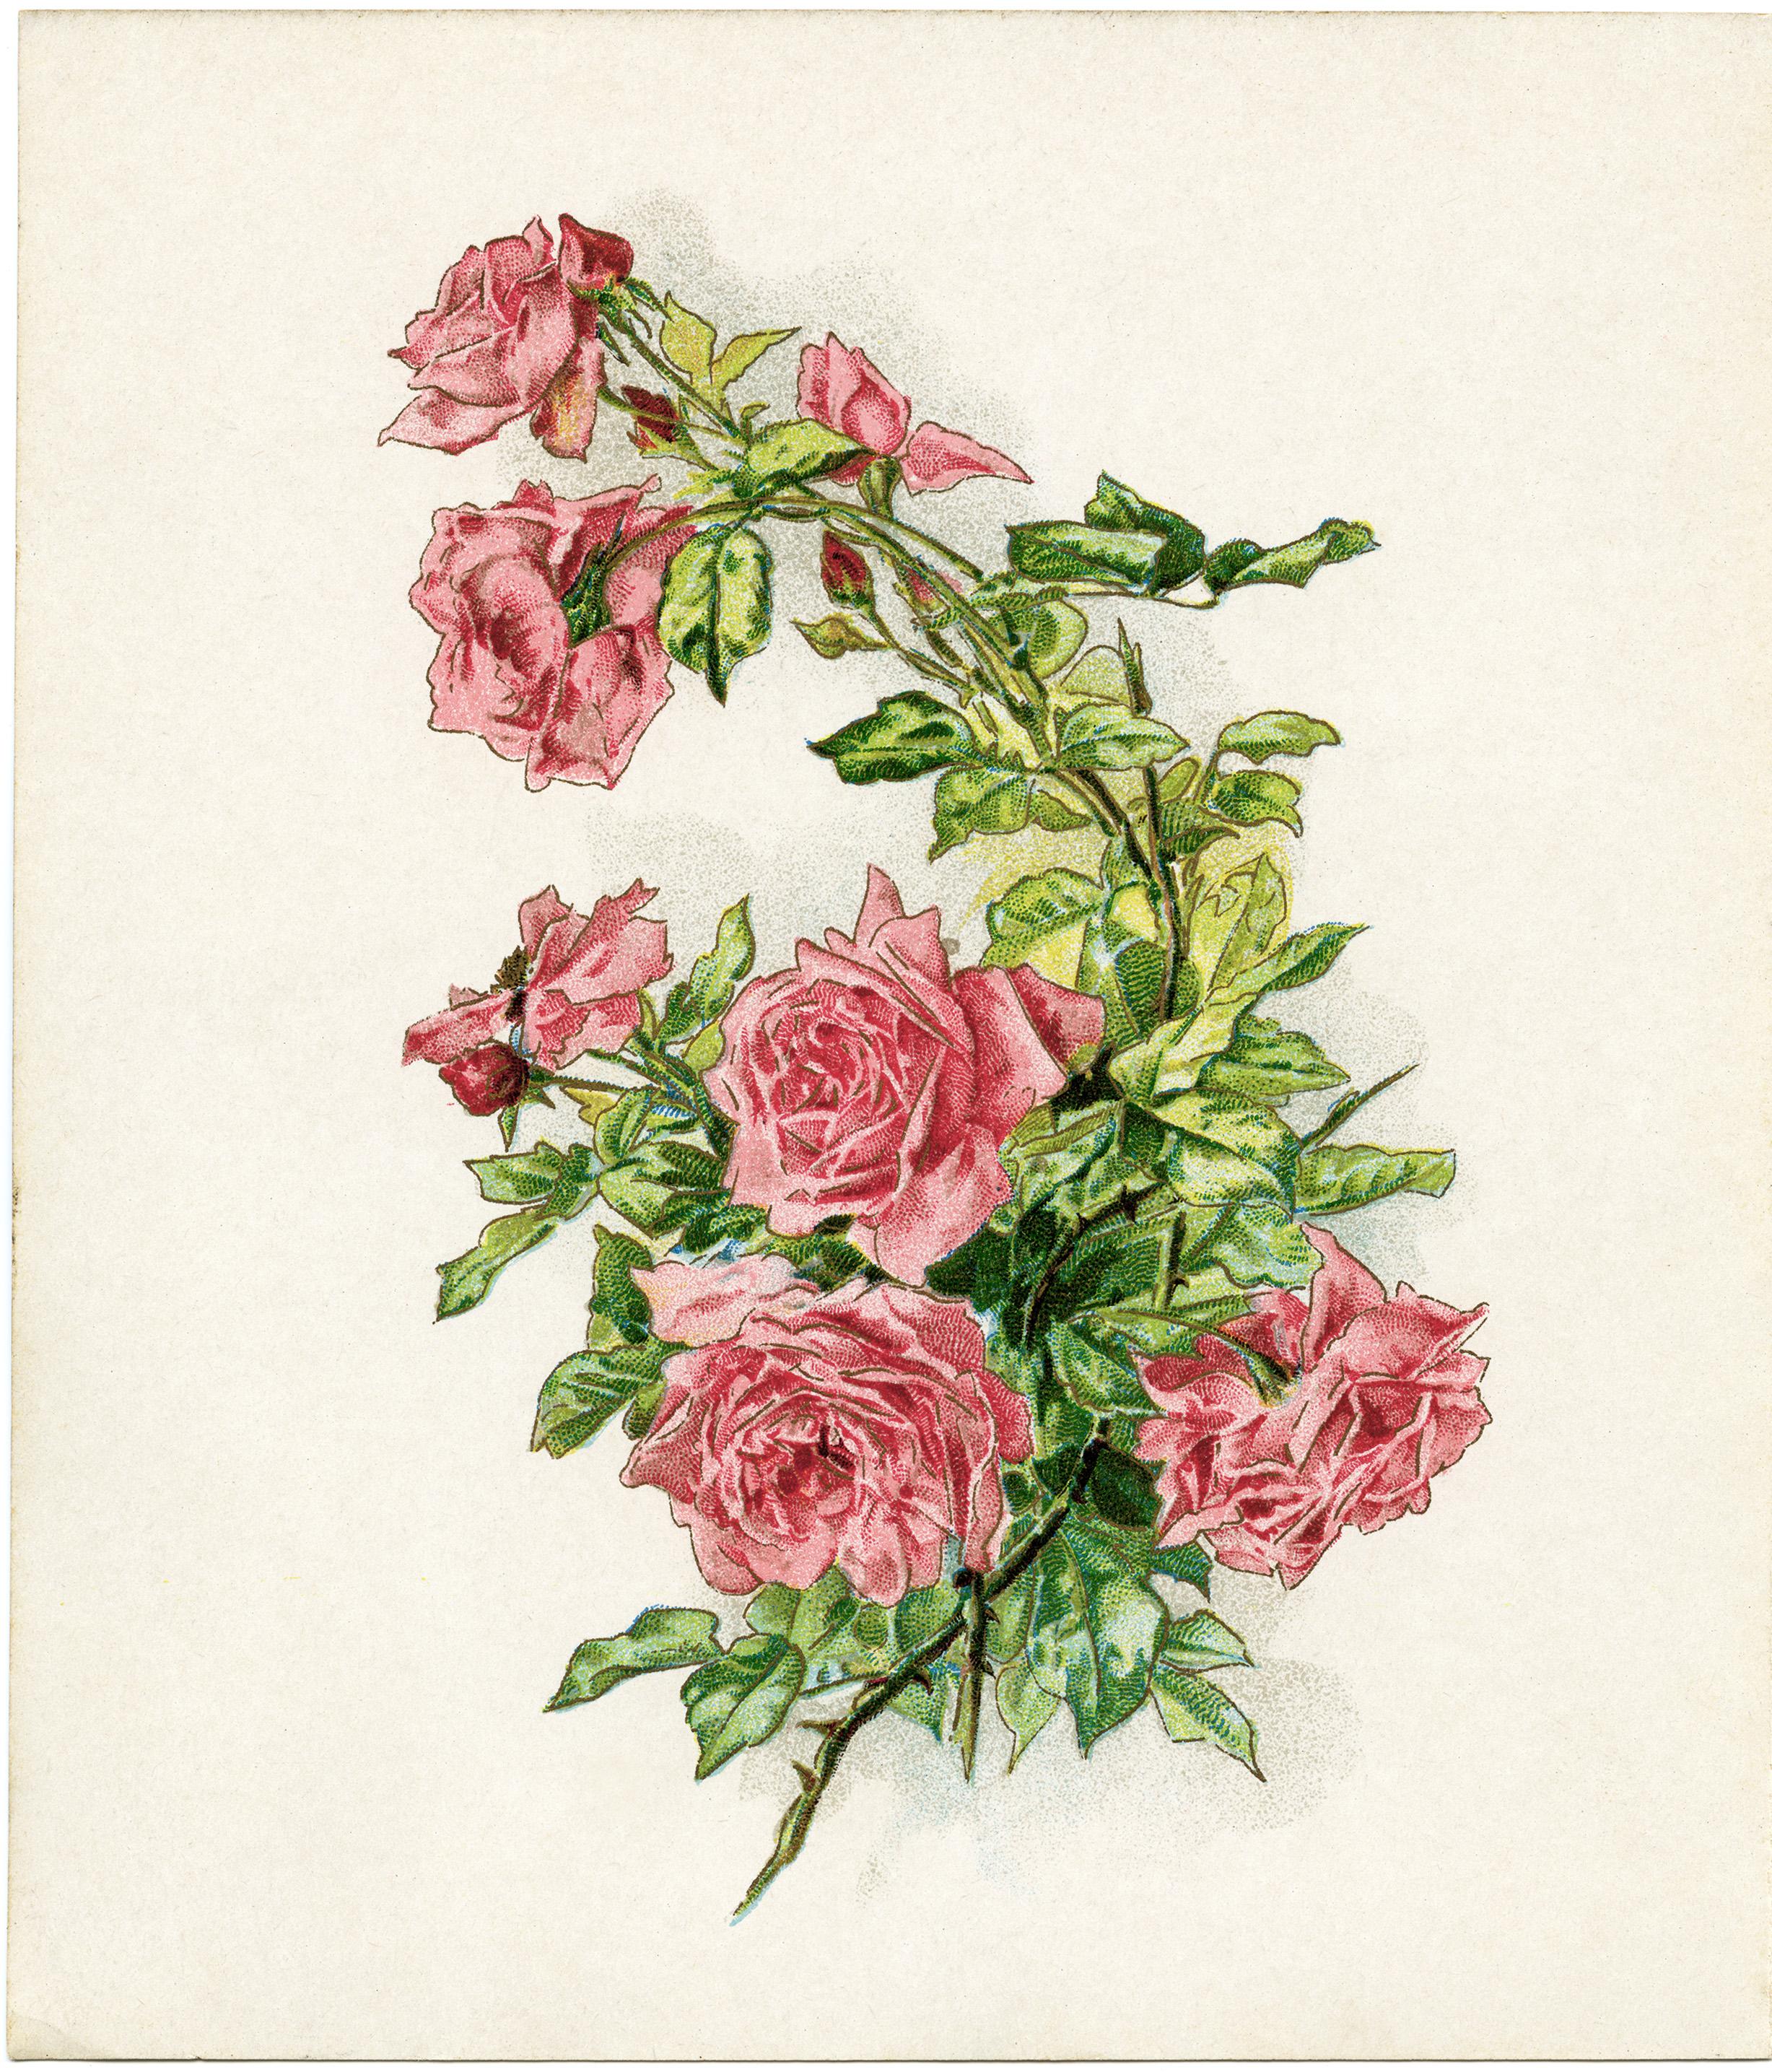 Old roses clipart image freeuse Free Vintage Image ~ Branch of Pink Roses - Old Design Shop Blog image freeuse